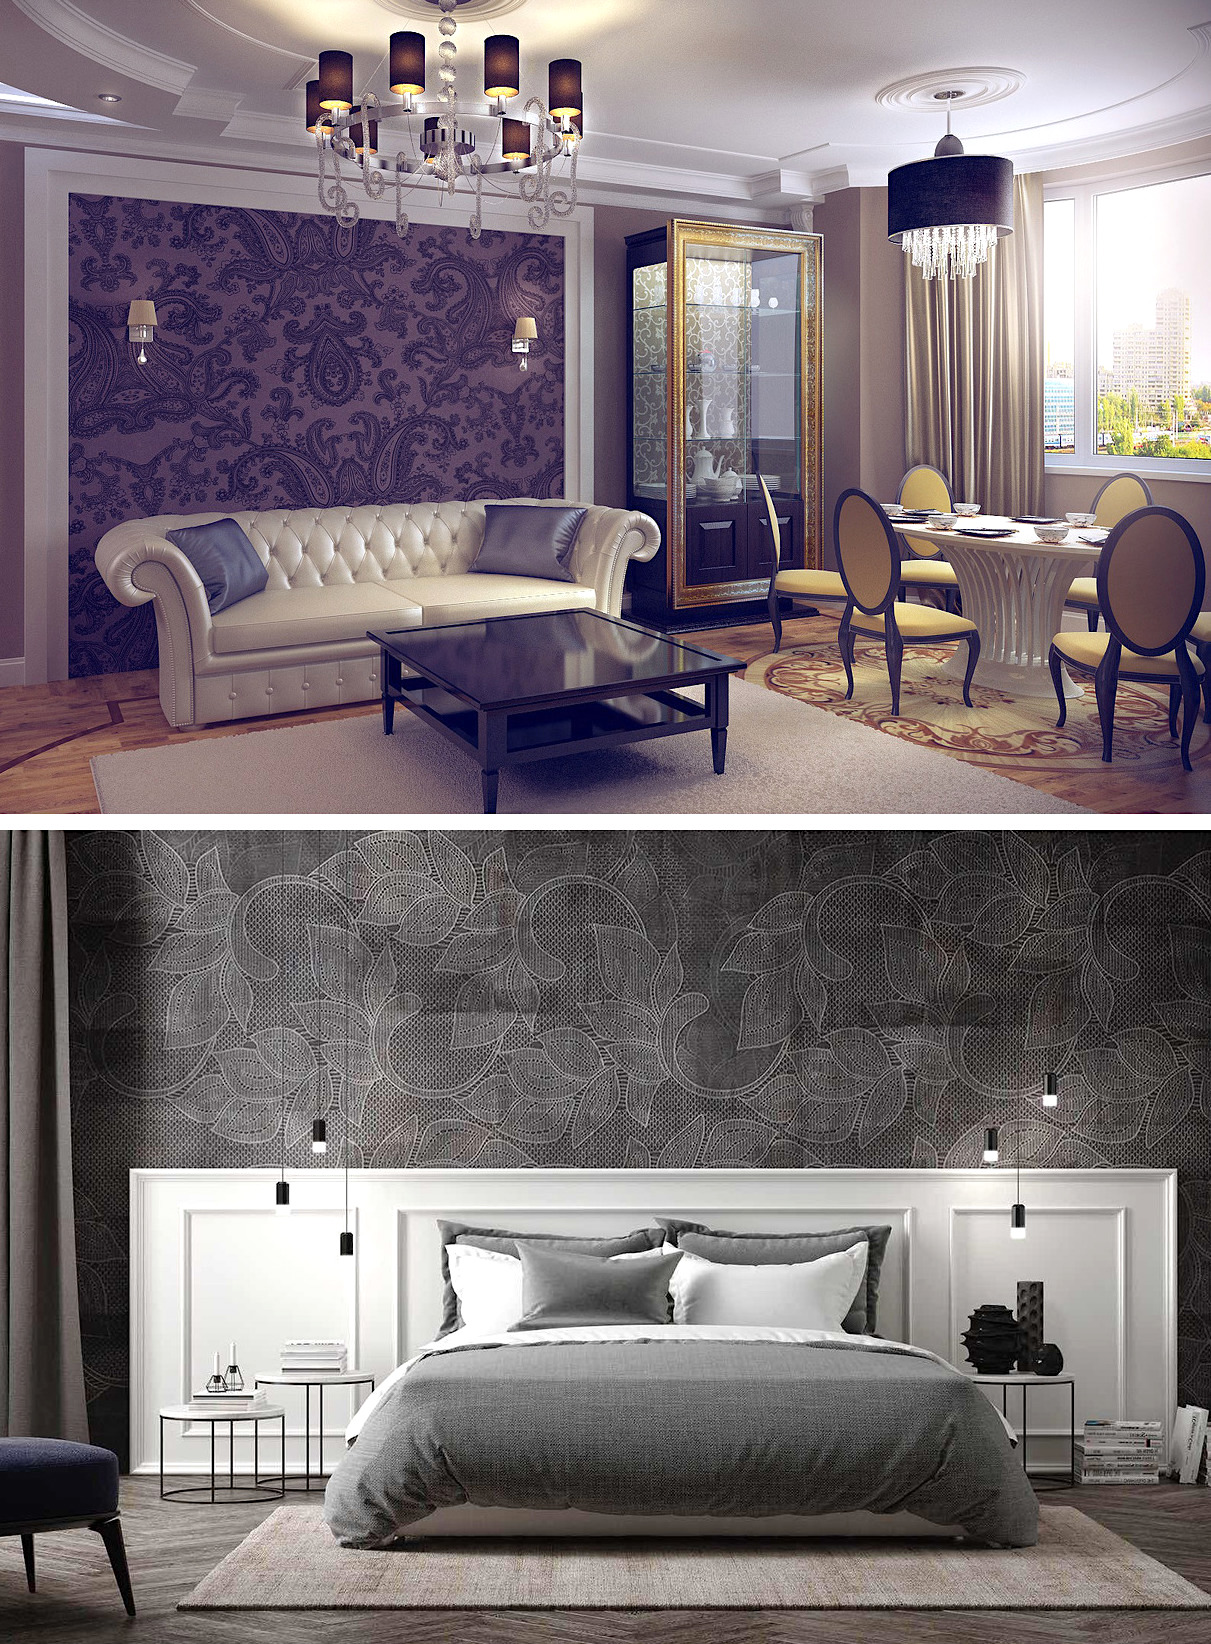 Обои в неоклассическом стиле кардинально изменят характер помещения, не перегружая при этом интерьер лишними деталями